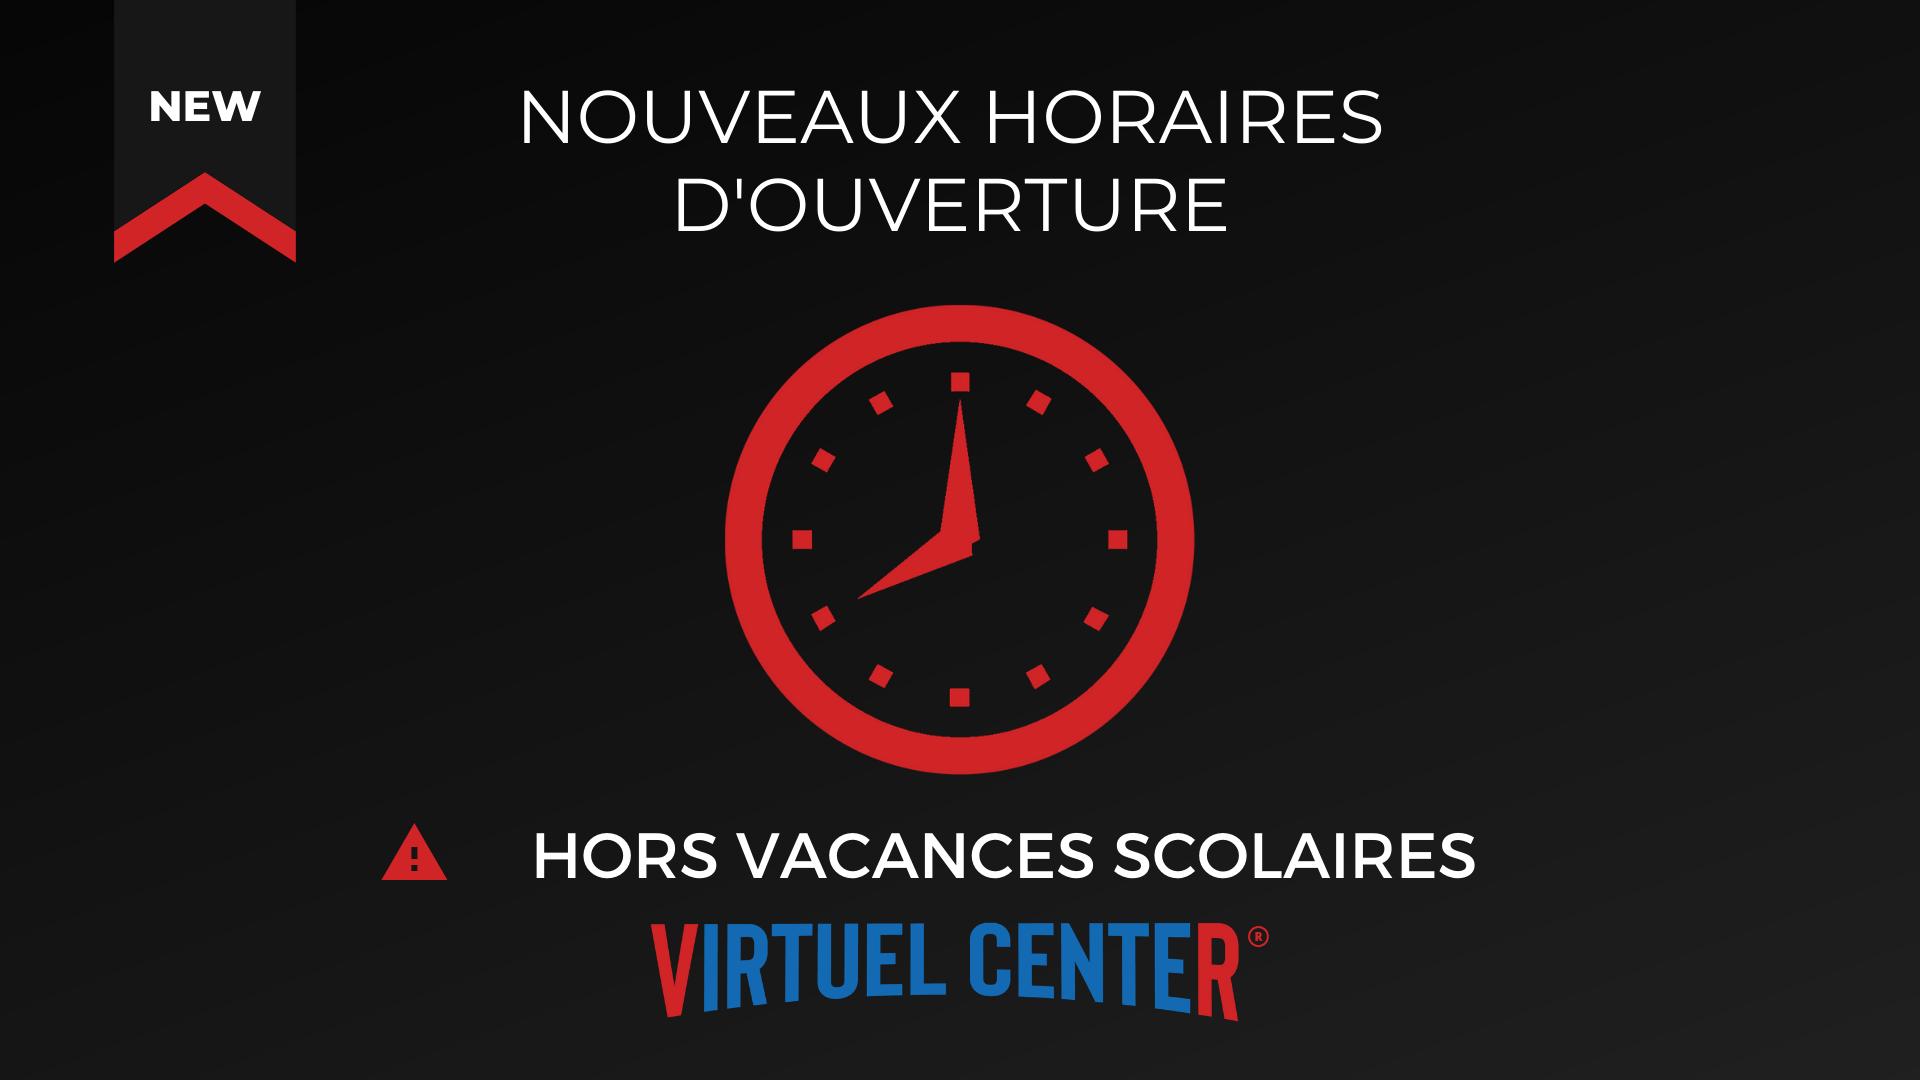 nouveaux horaires virtuel center